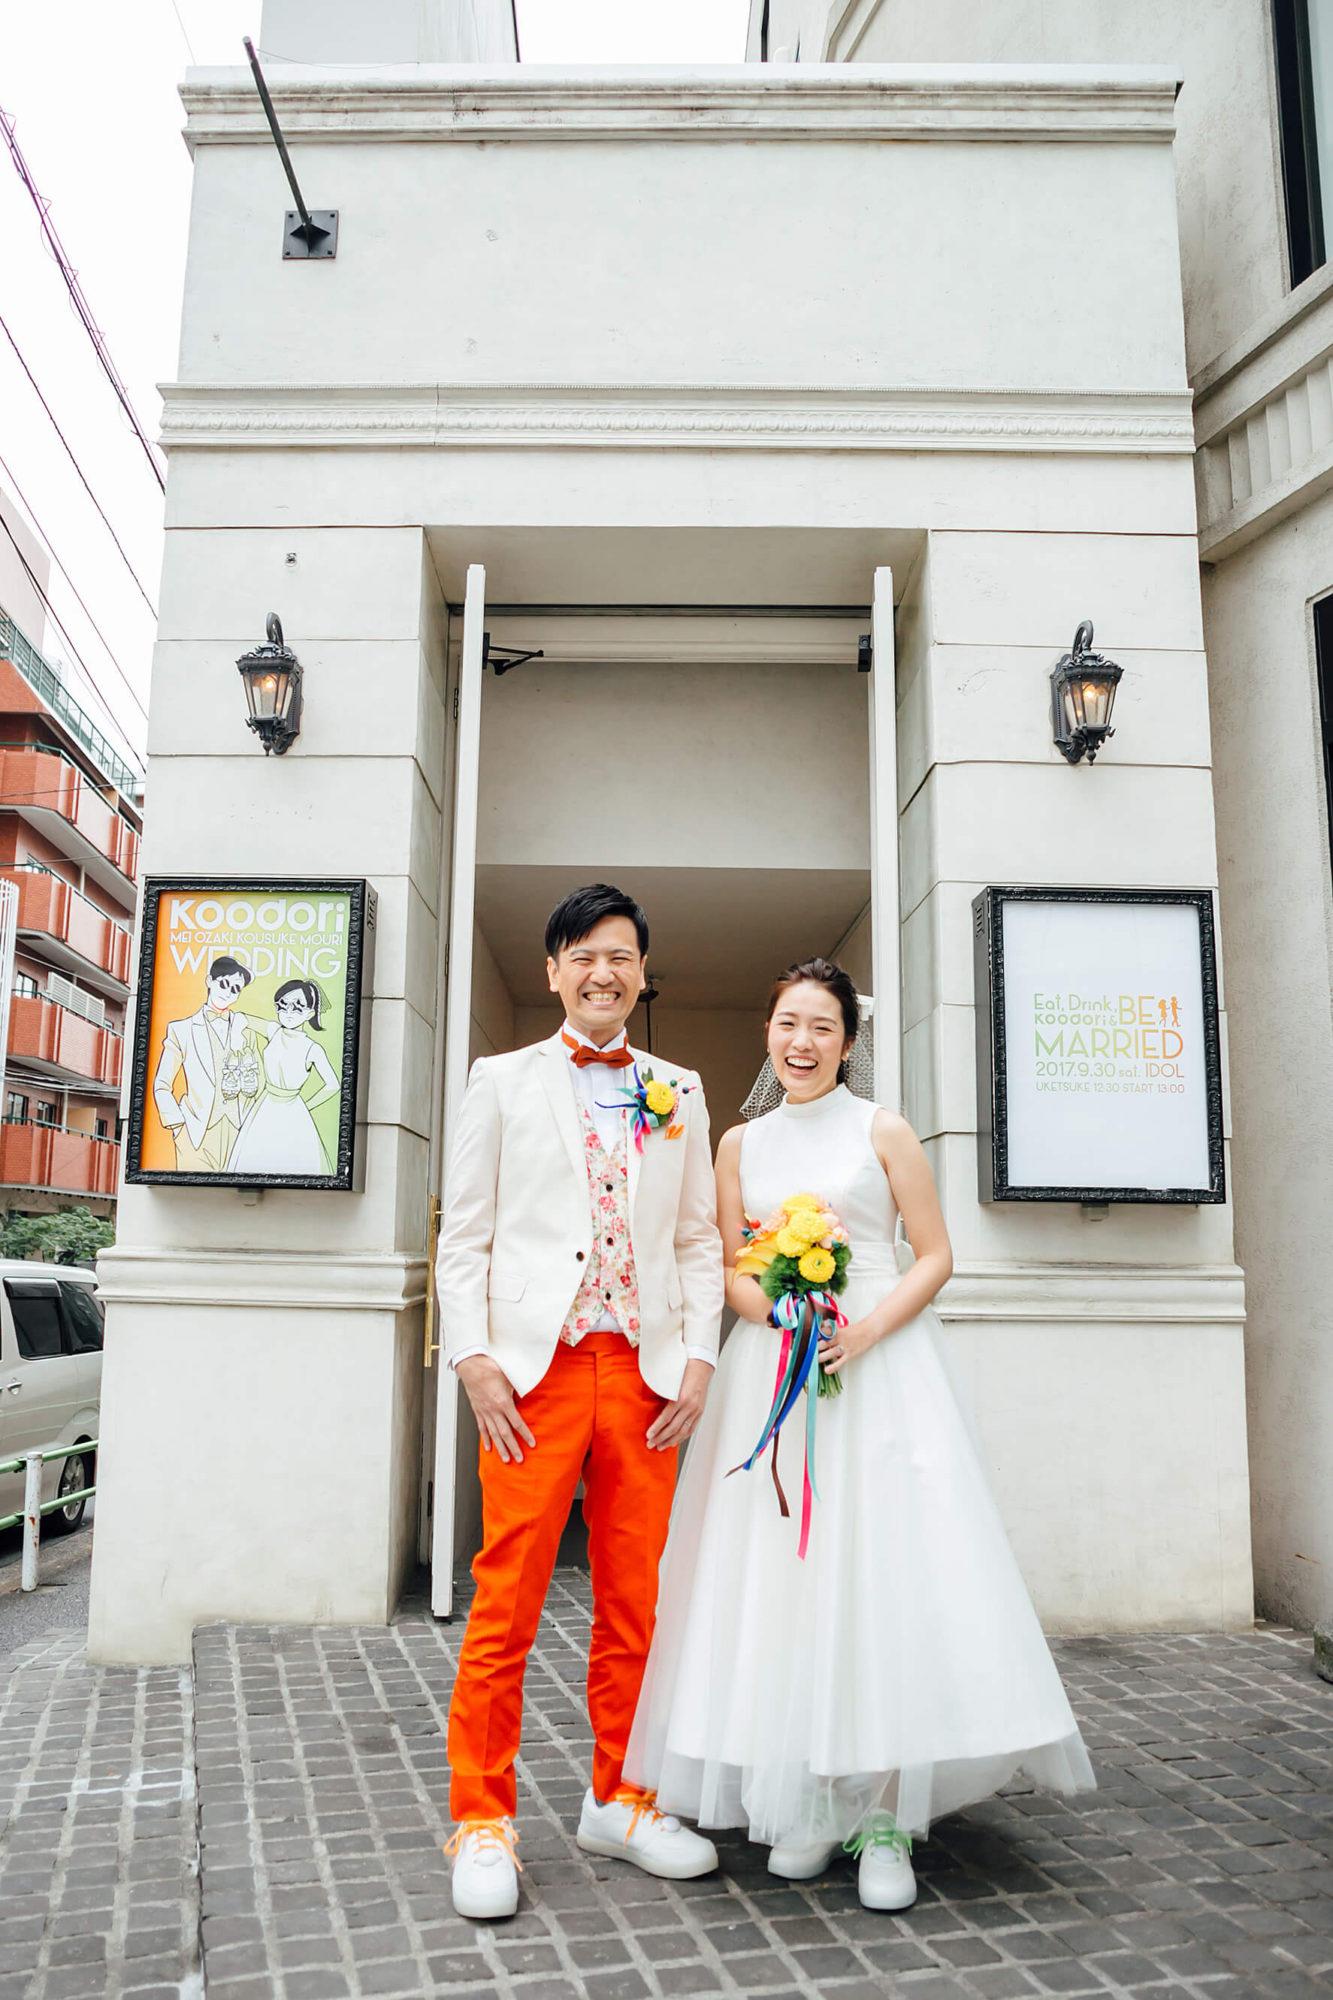 Koodori Wedding